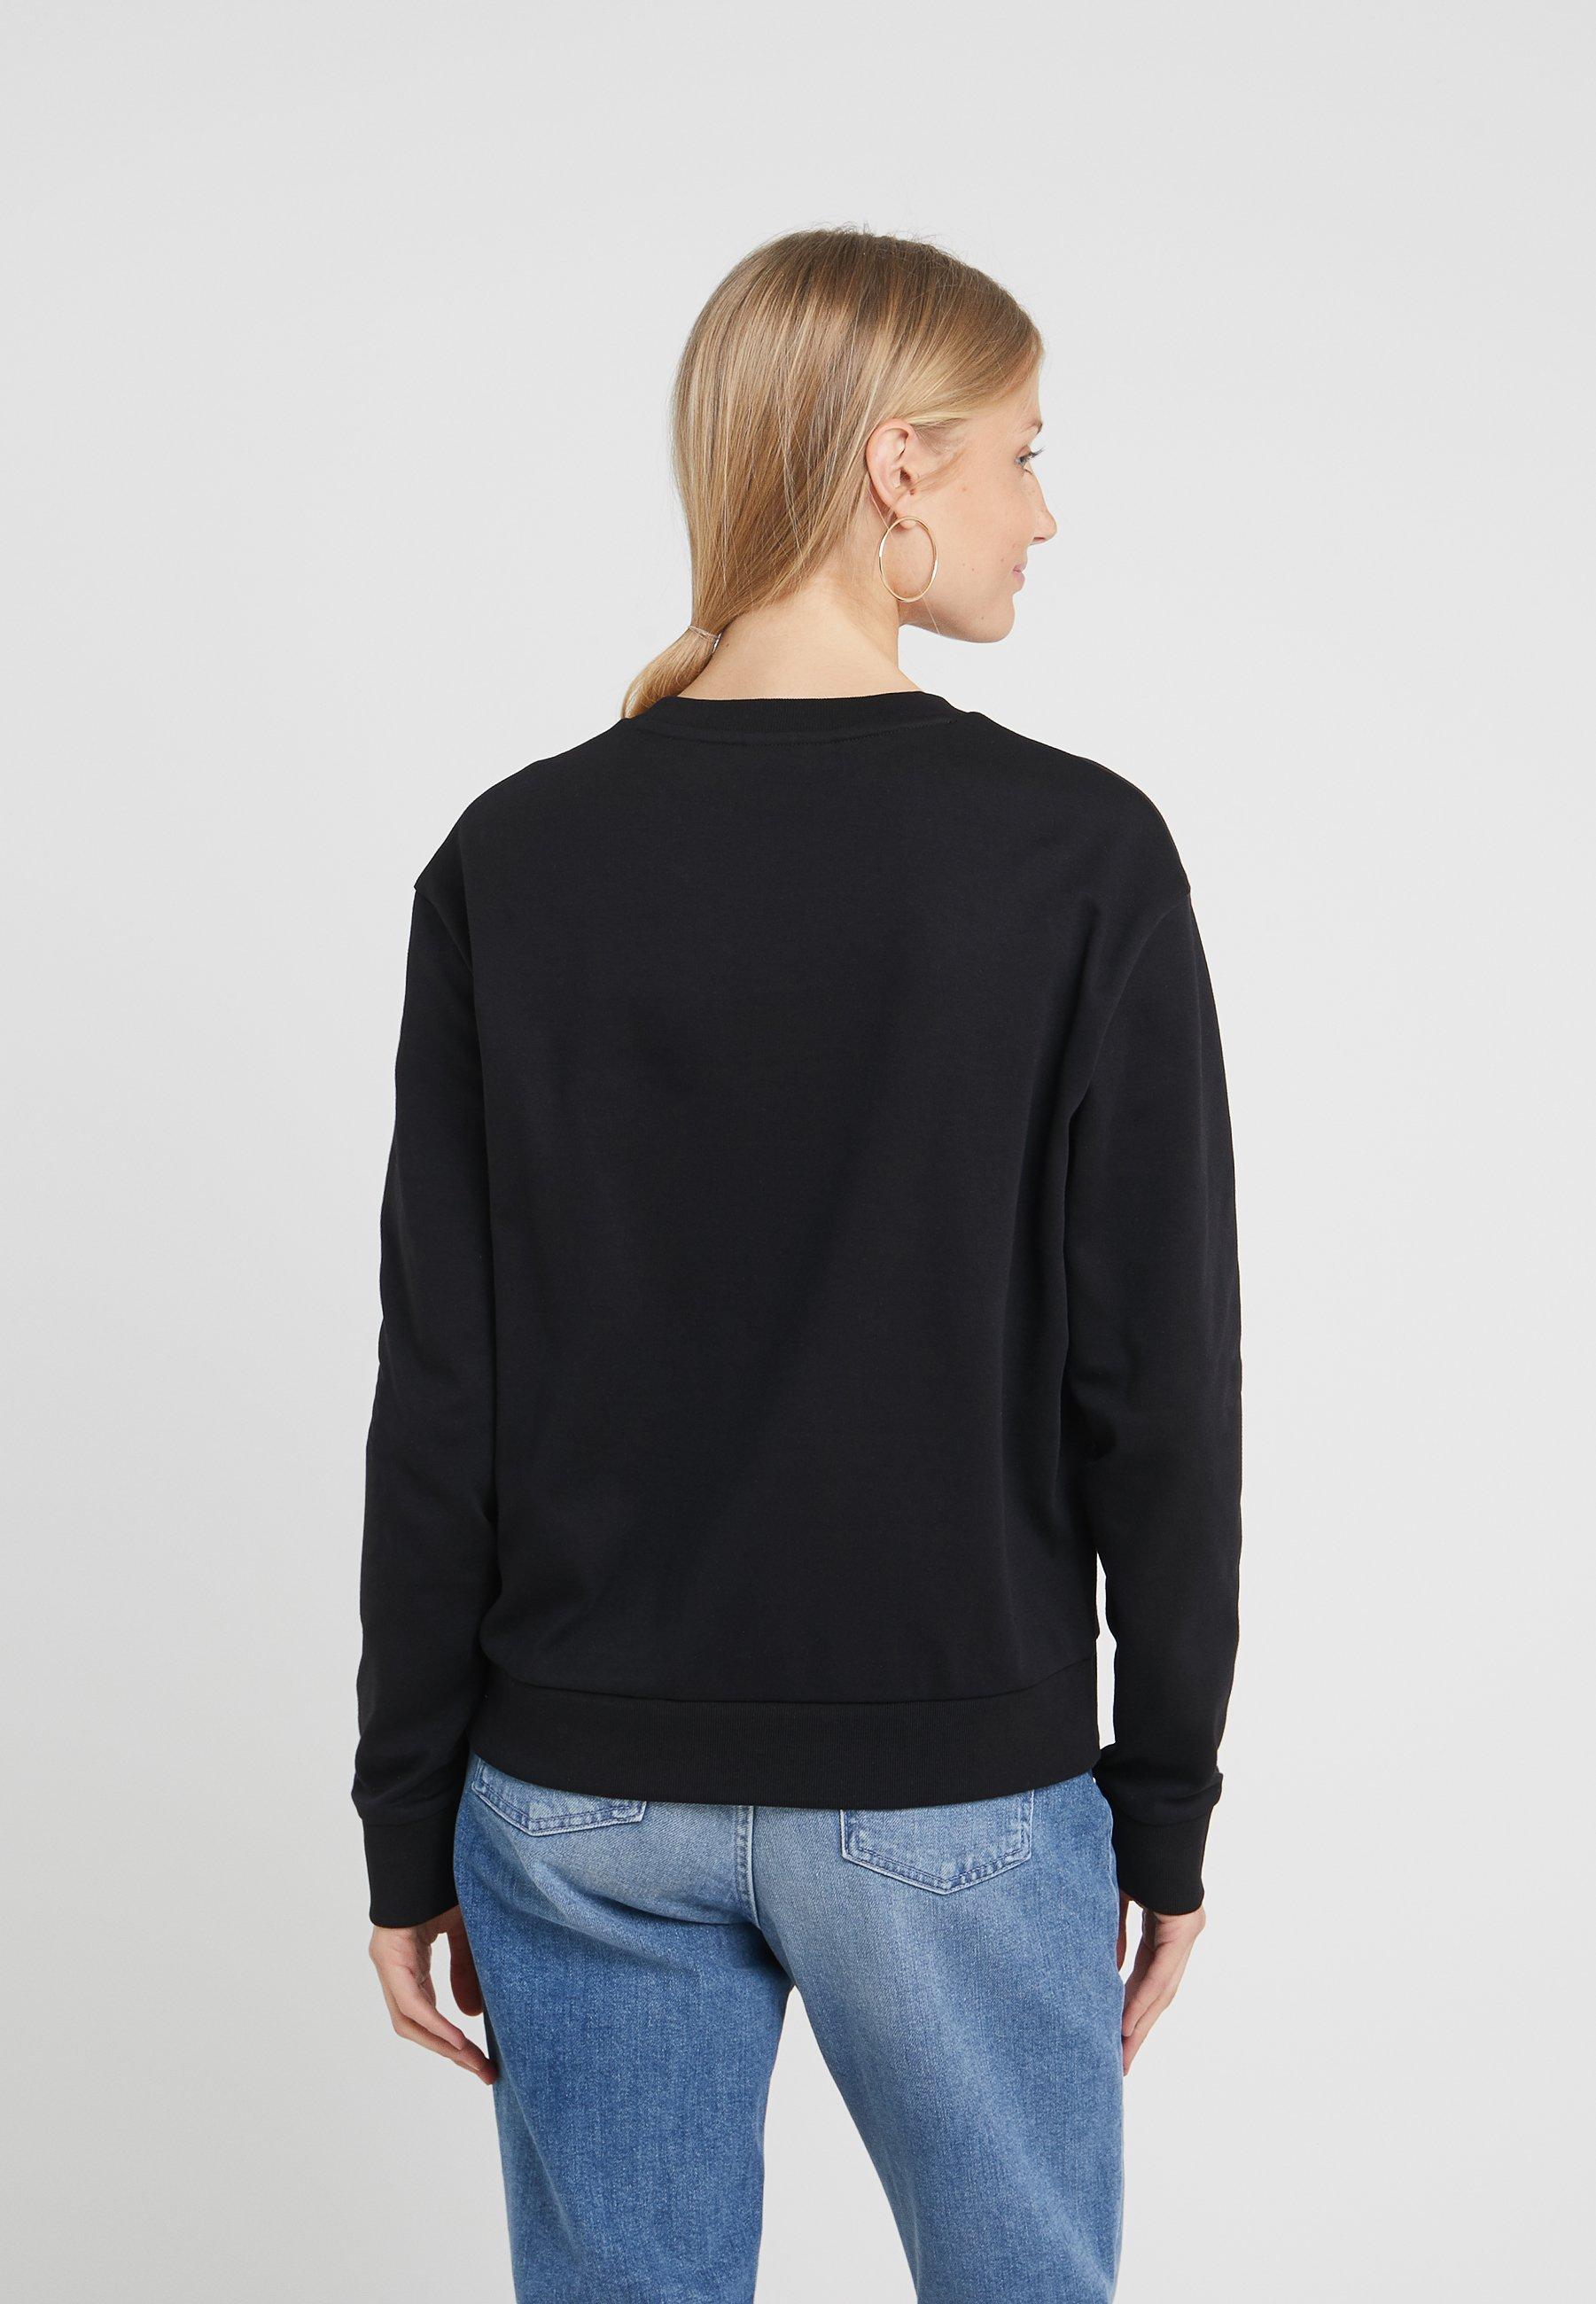 Hugo NicciSweatshirt Hugo NicciSweatshirt NicciSweatshirt Black Hugo Black Black NicciSweatshirt Black Hugo j5RL3A4